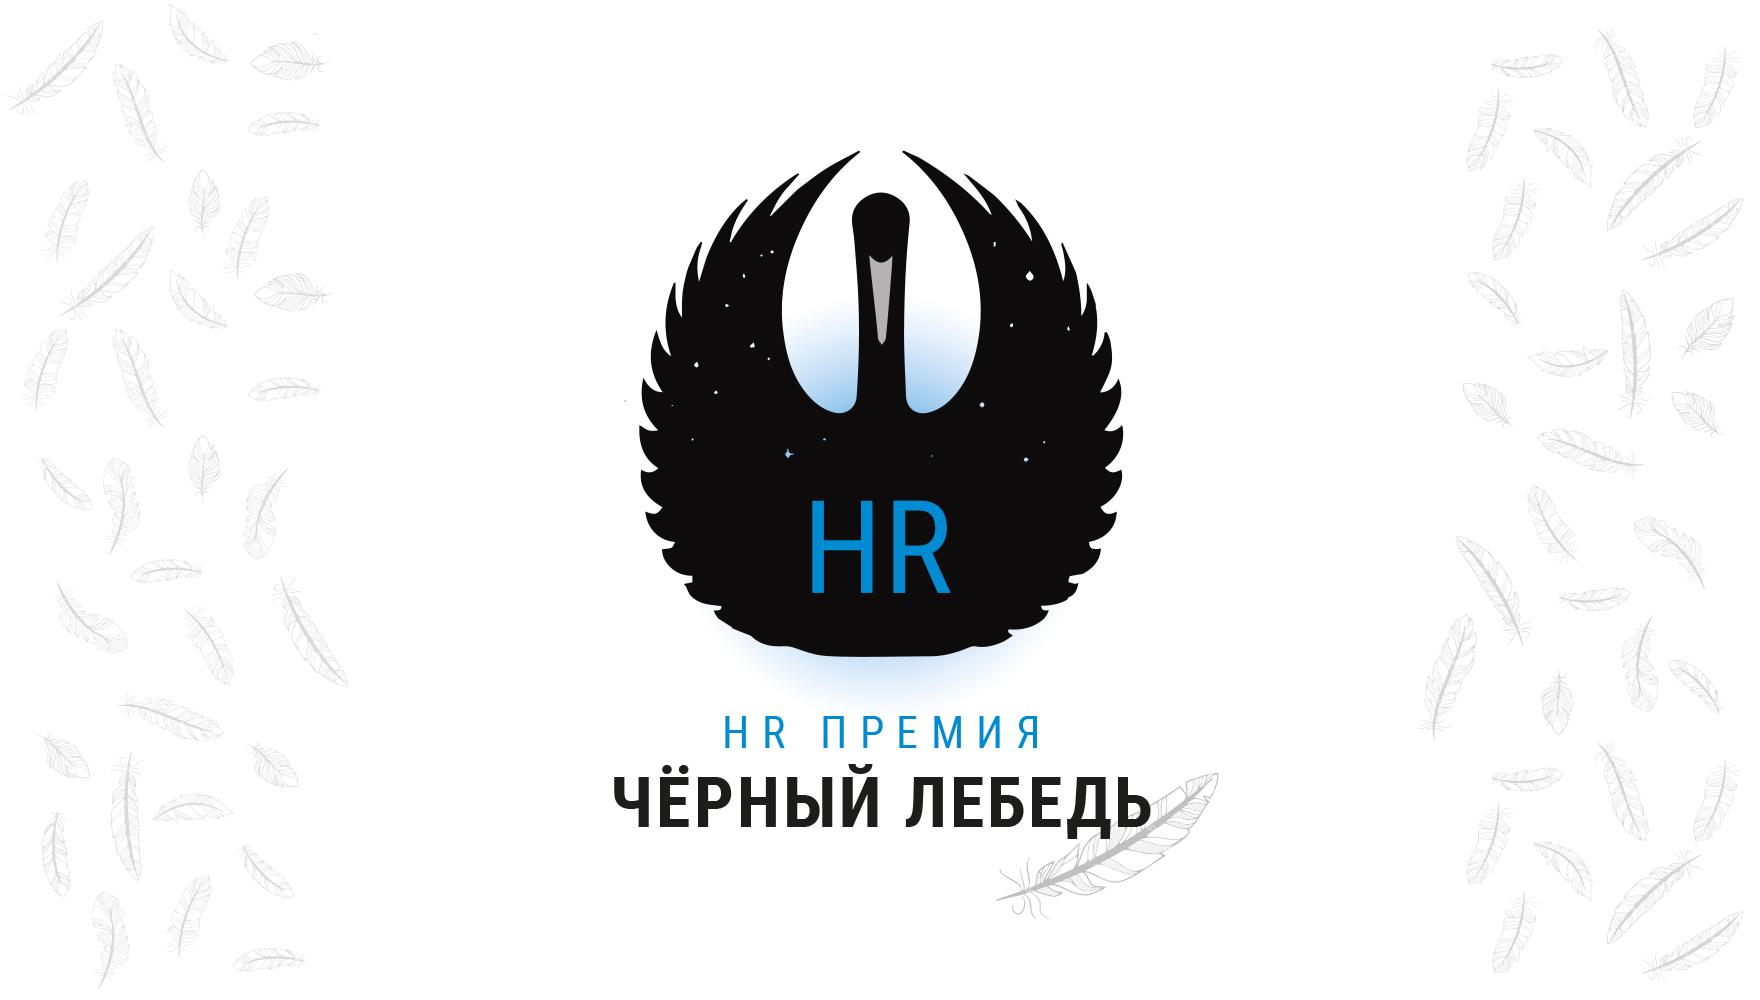 HR-премия «Черный лебедь»